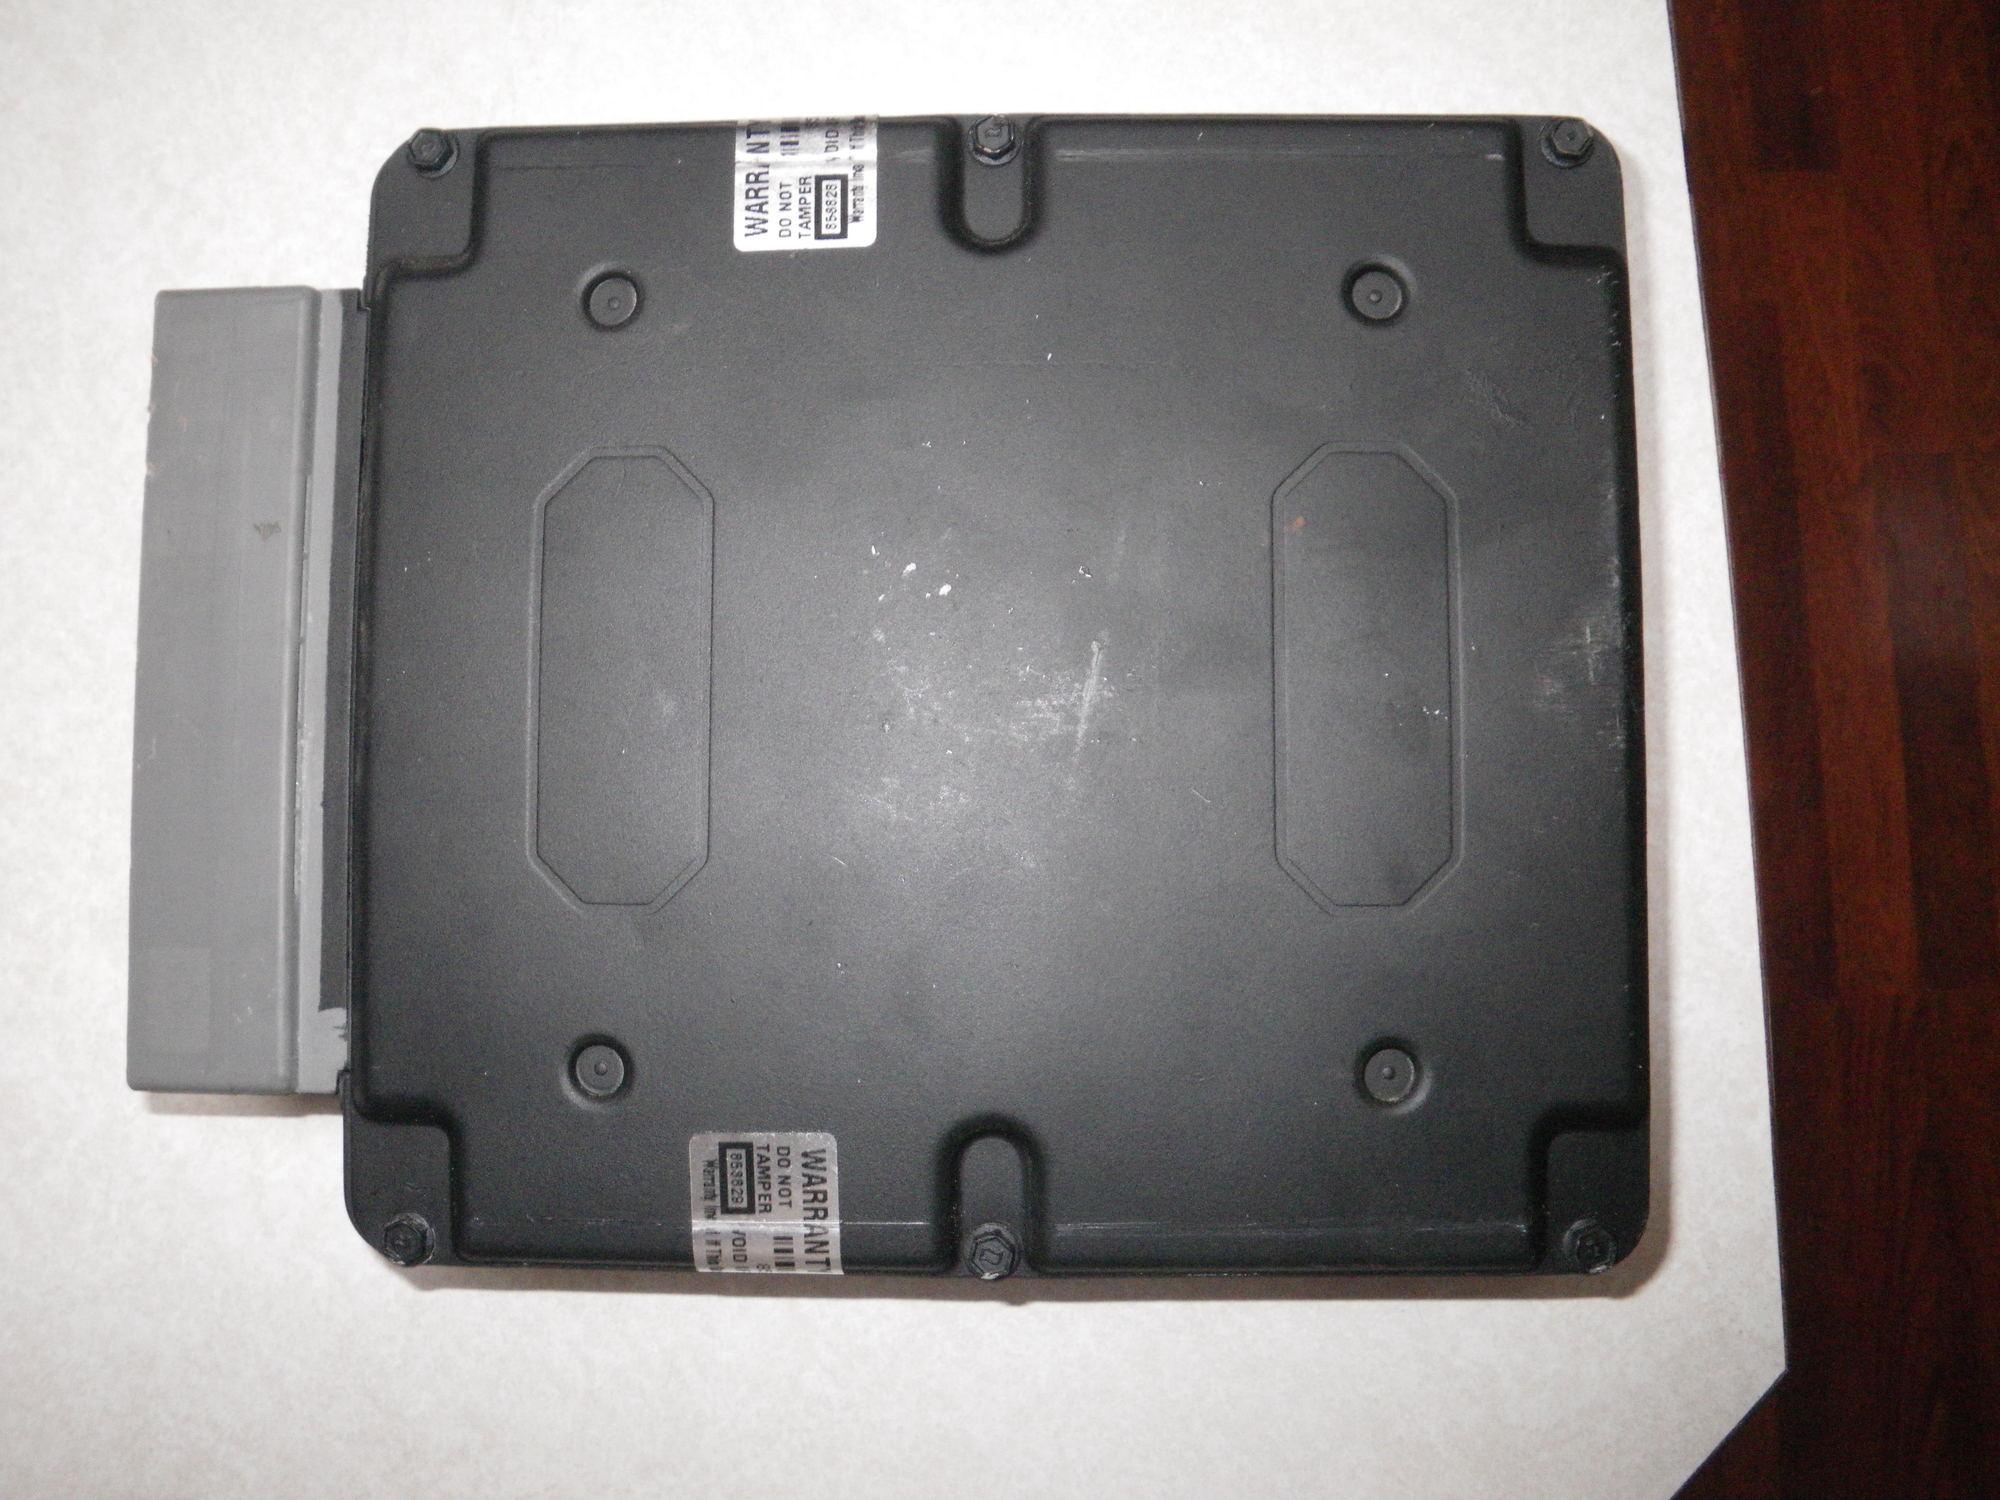 2000 f250 generic electronic module